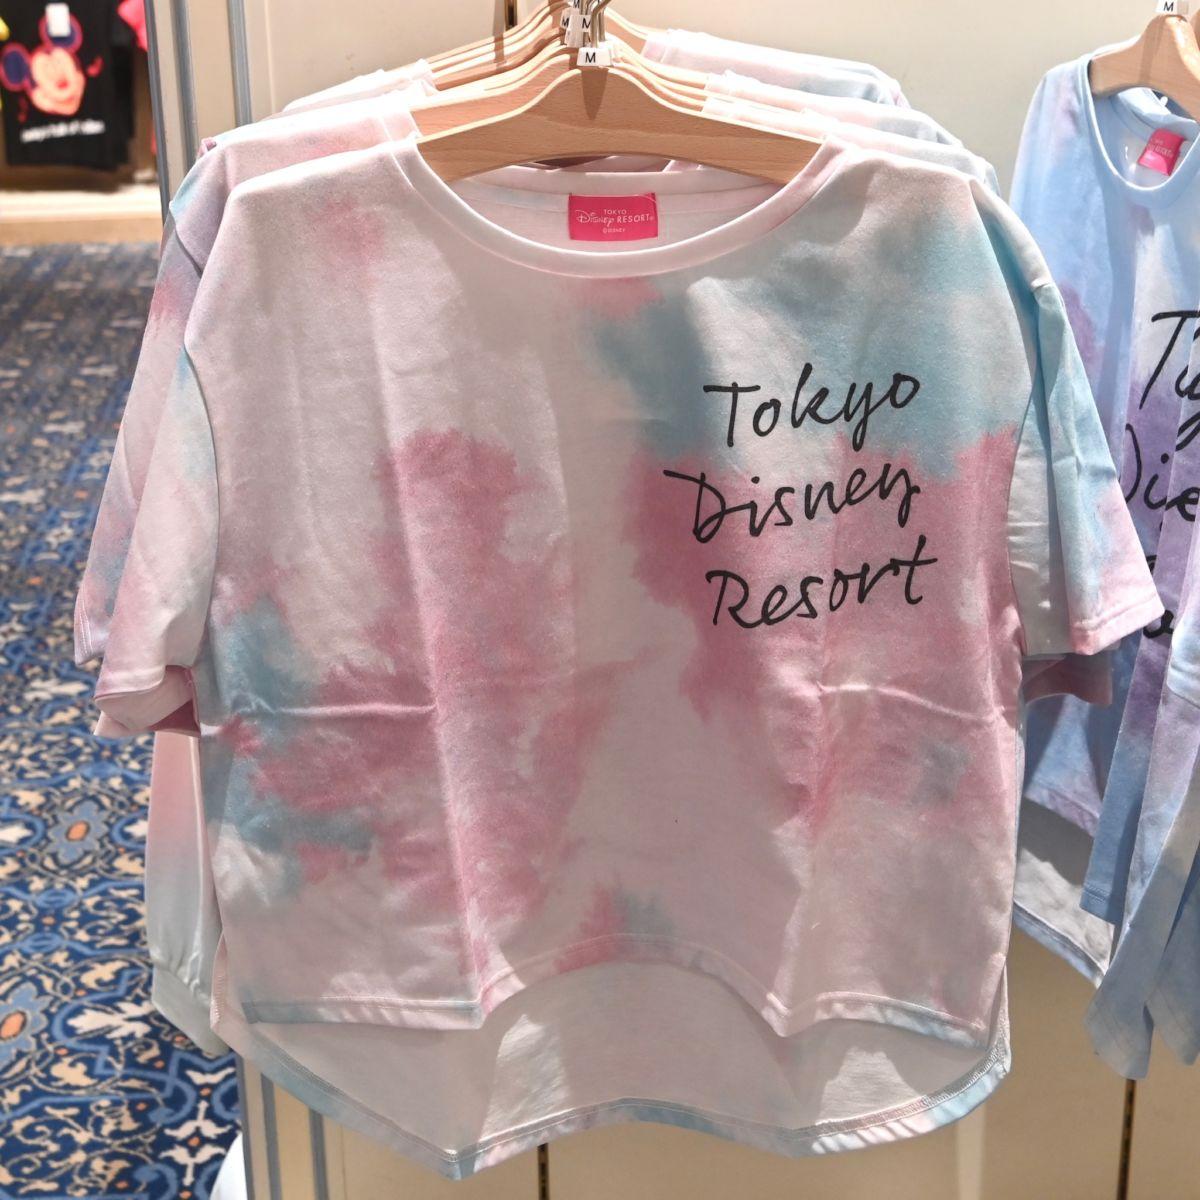 東京ディズニーリゾートBIGシルエットTシャツ(レディース・ピンク)